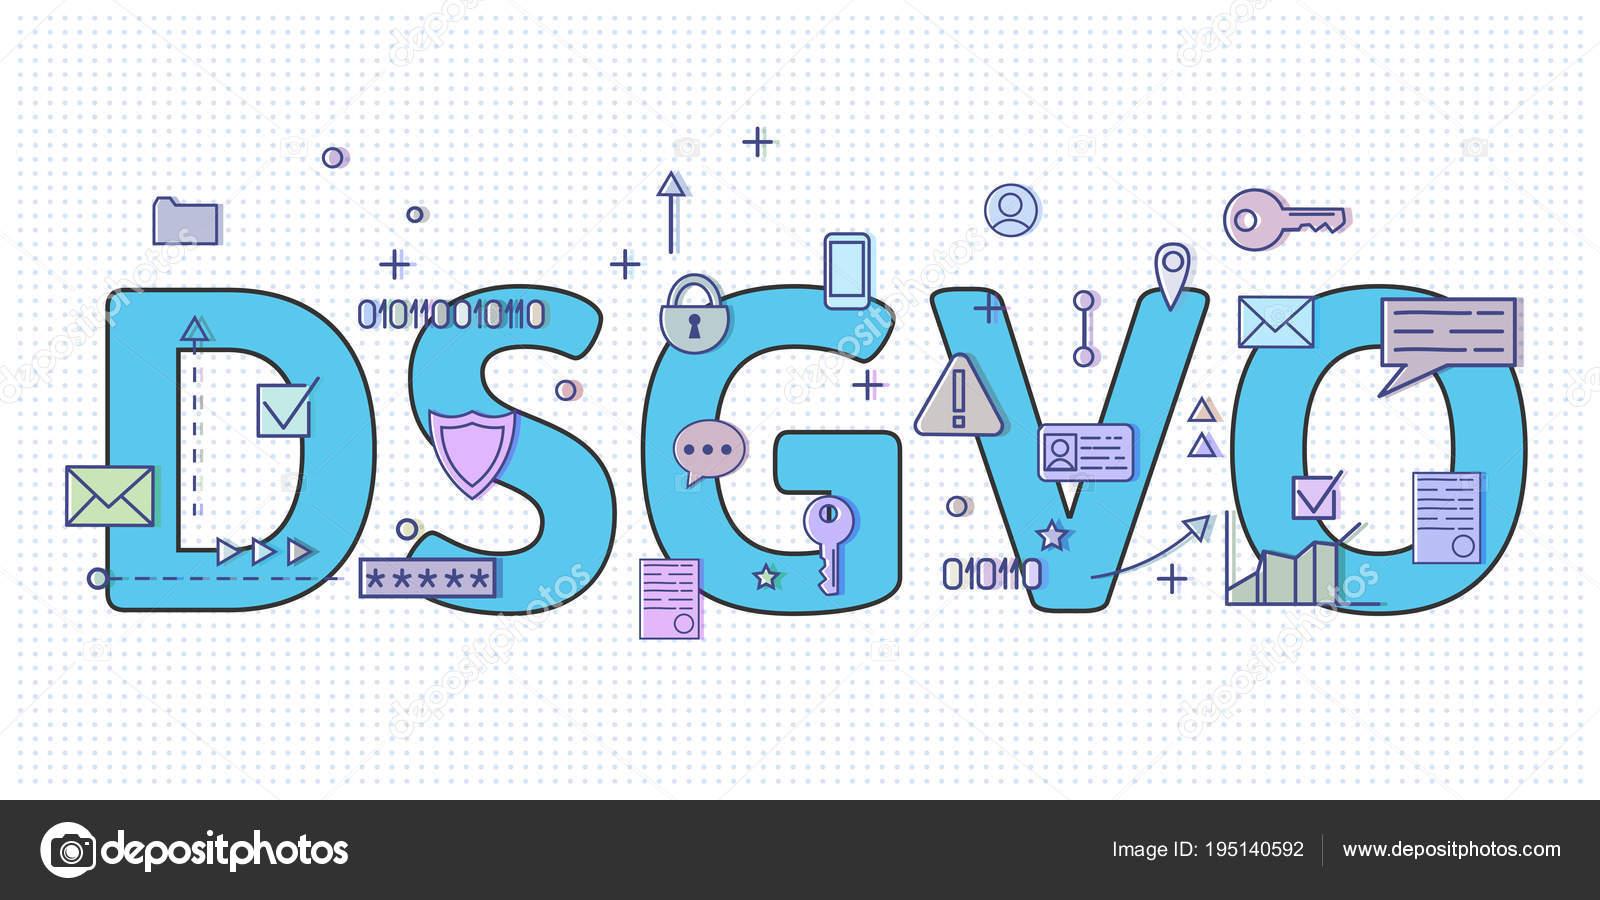 8341b793b Digital e internet símbolos na frente Dsgvo letras. Regulamento de proteção  de dados gerais. PIBR, Rgpd, Dsgvo. Ilustração do vetor de conceito.